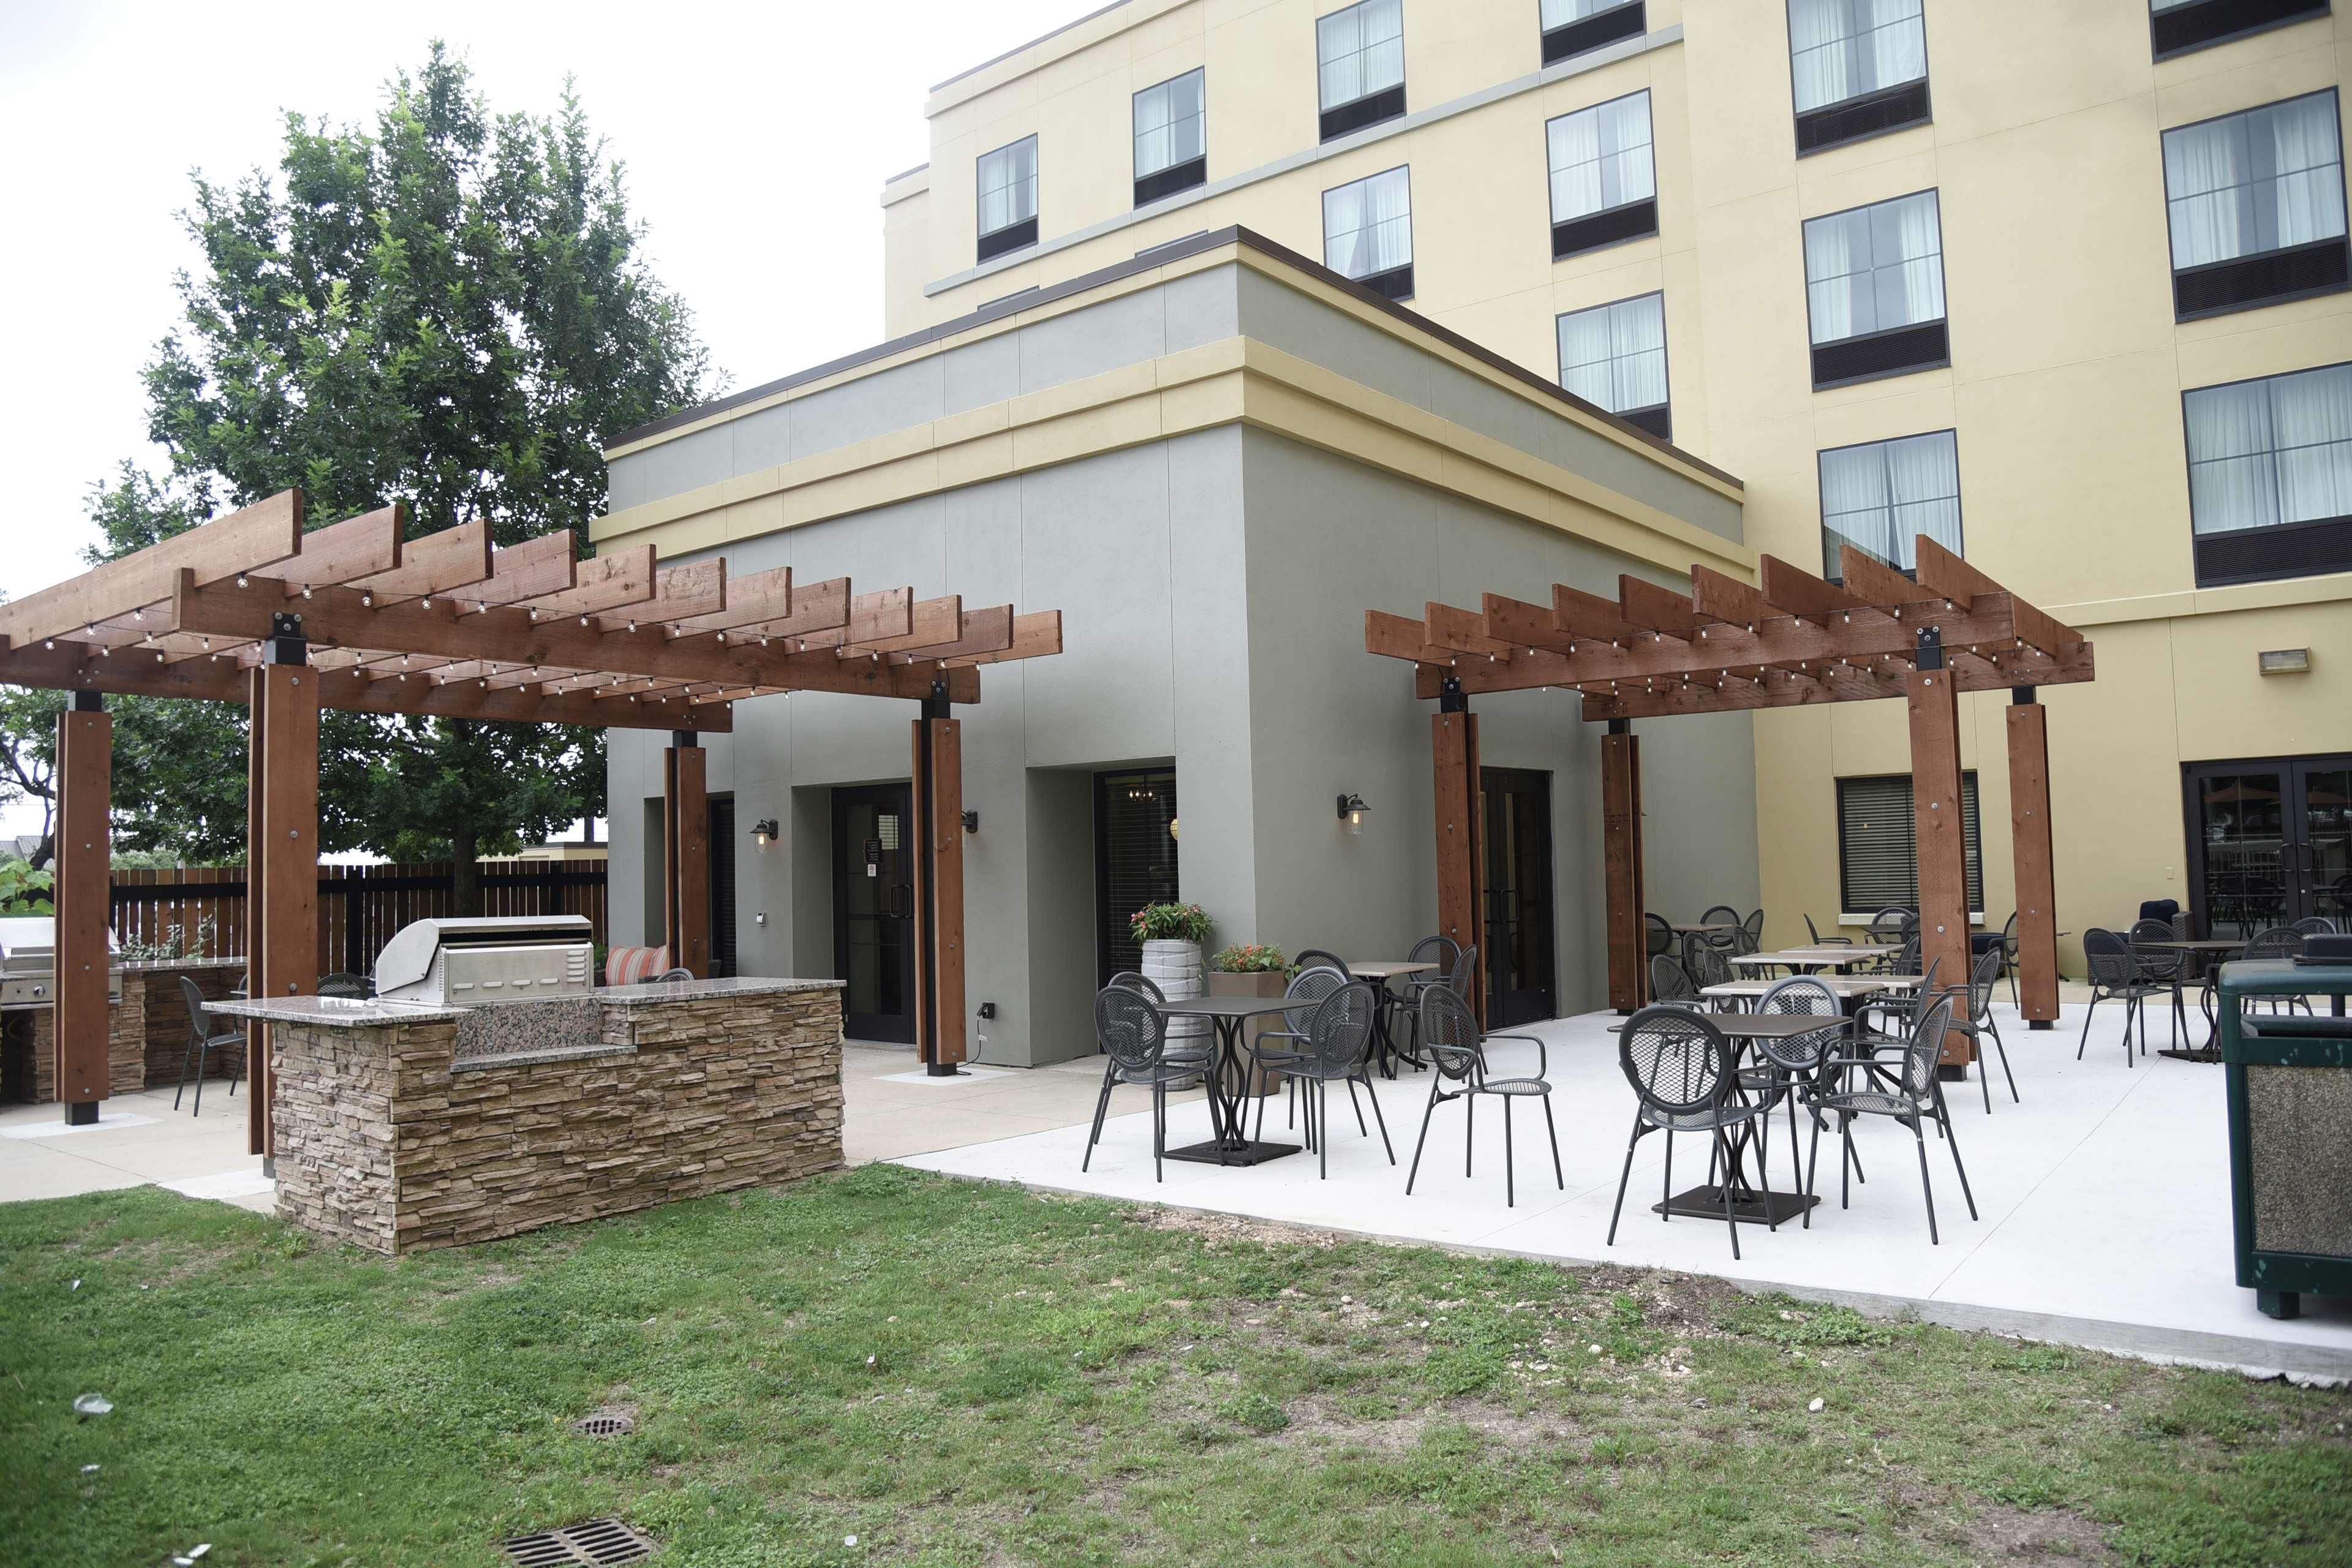 Homewood Suites by Hilton San Antonio North